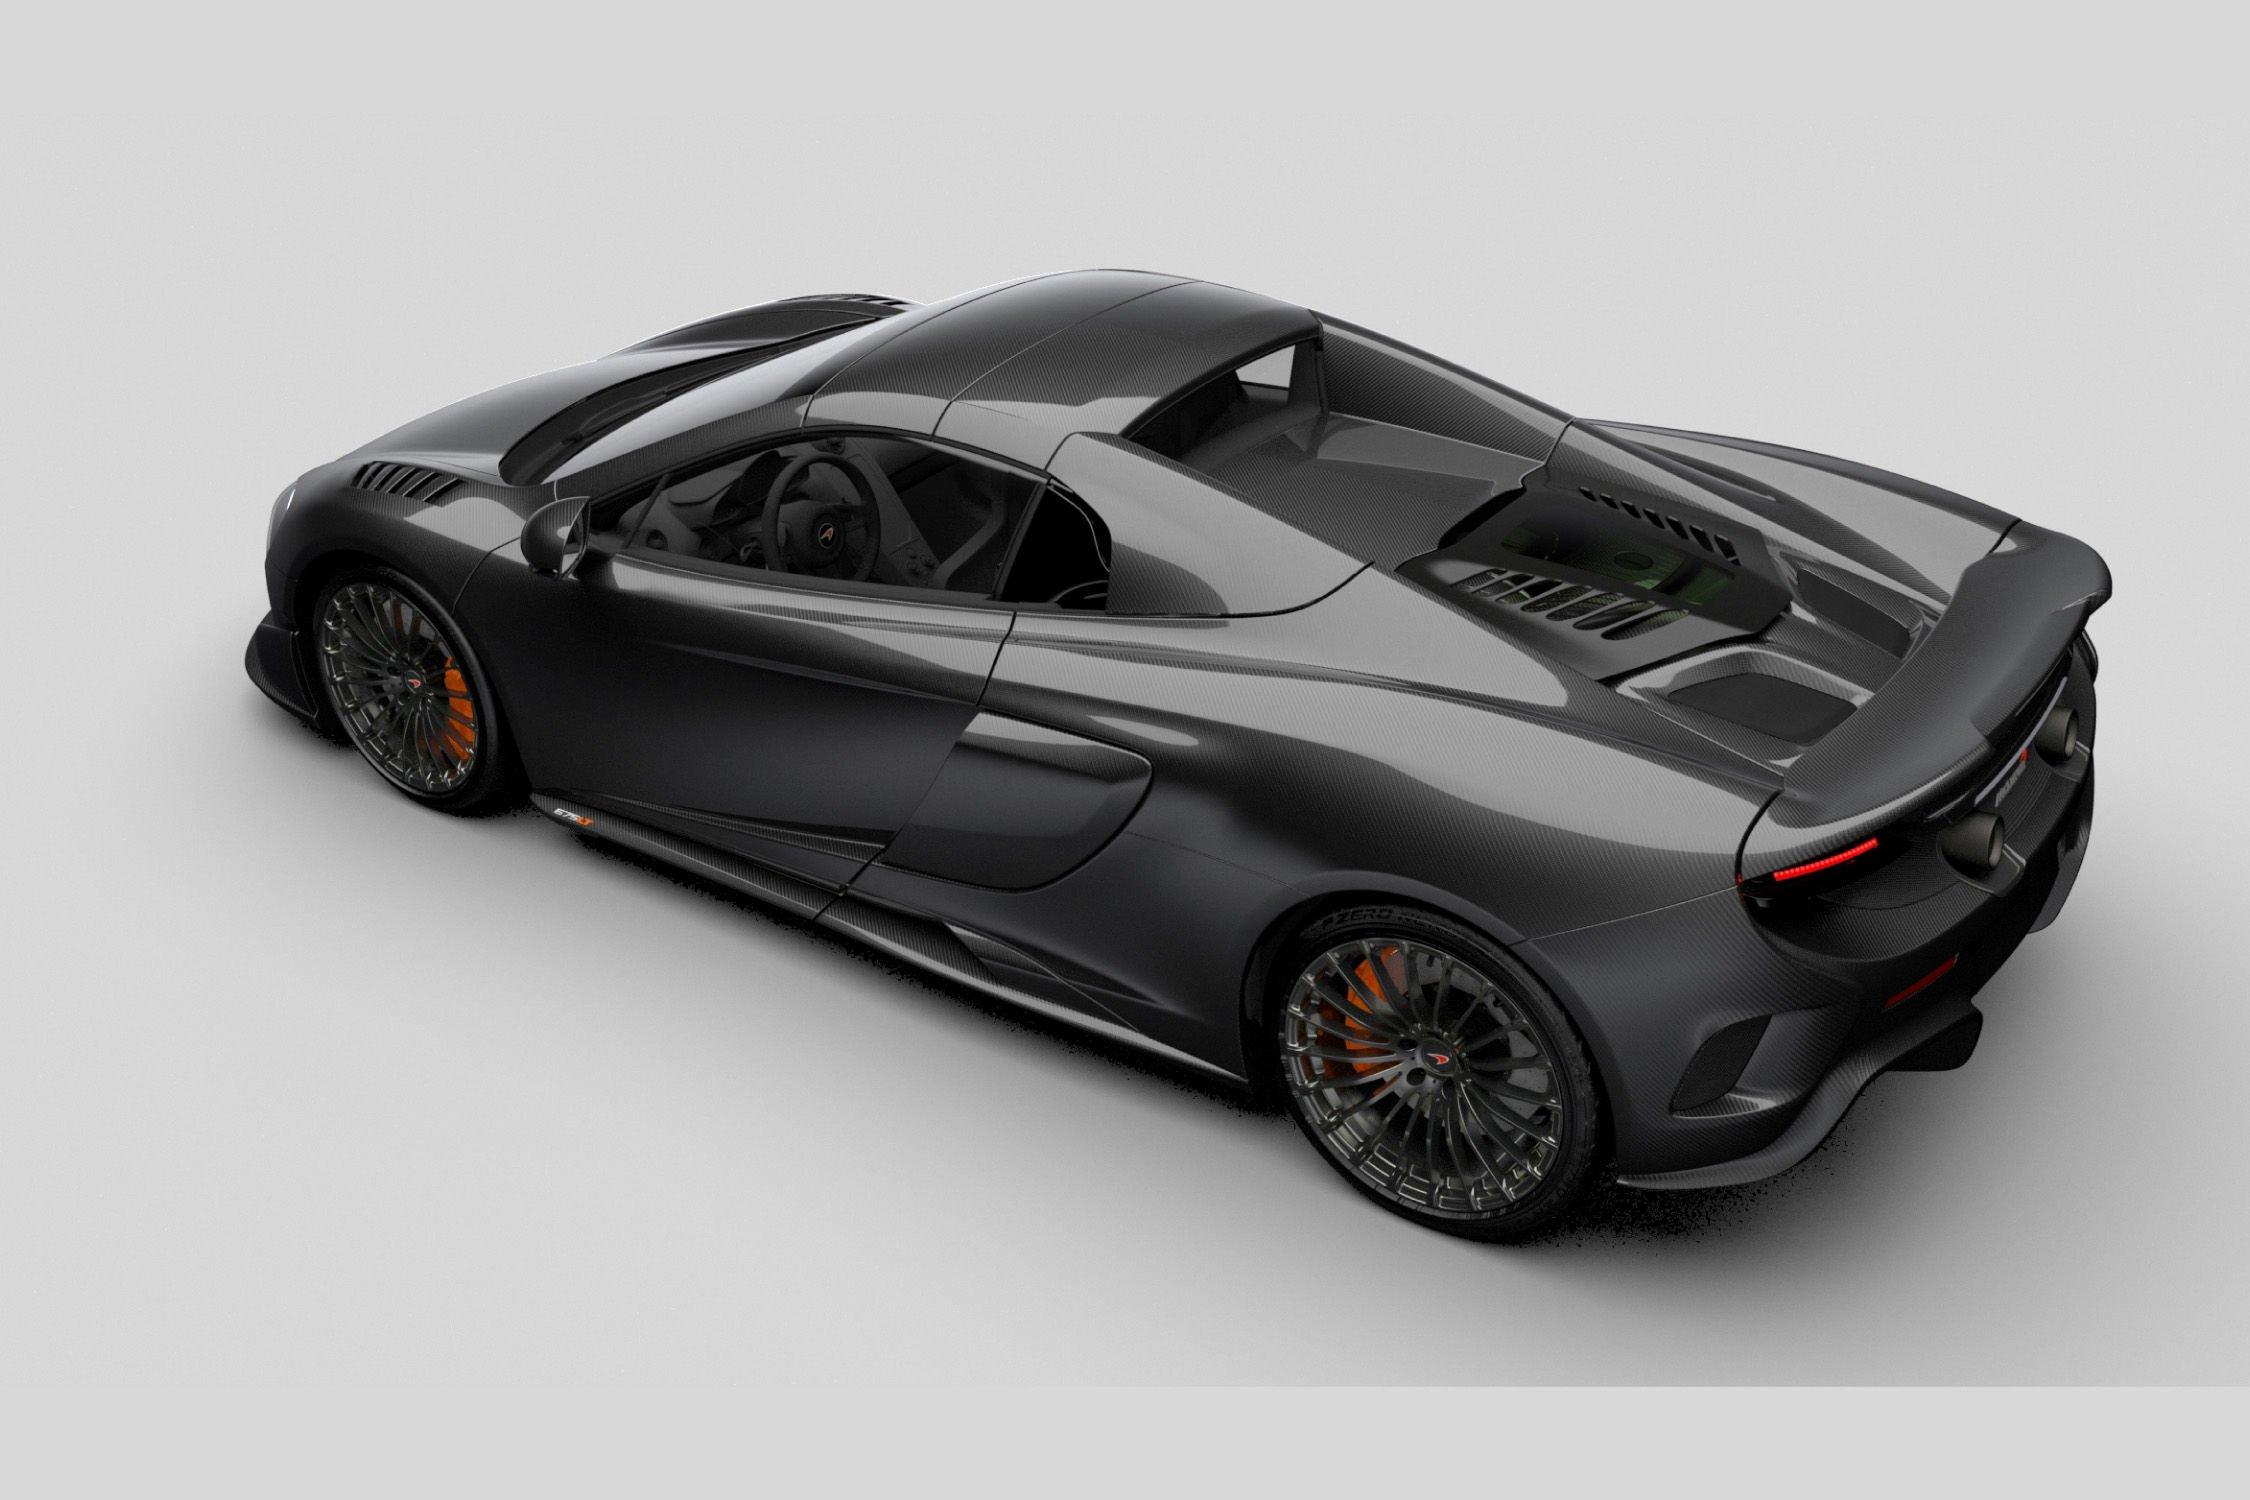 mclaren 675lt spider mso carbon series 2016 dark cars wallpapers. Black Bedroom Furniture Sets. Home Design Ideas